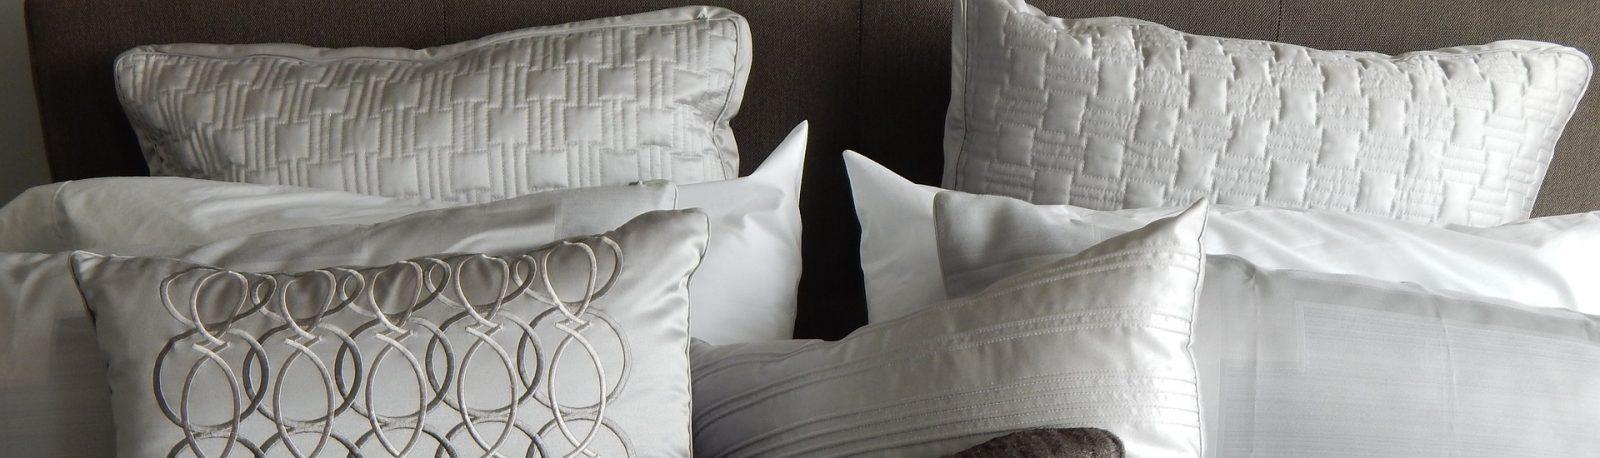 Fehérnemű - lakástextil - rövidáru webshop 62ad1259be